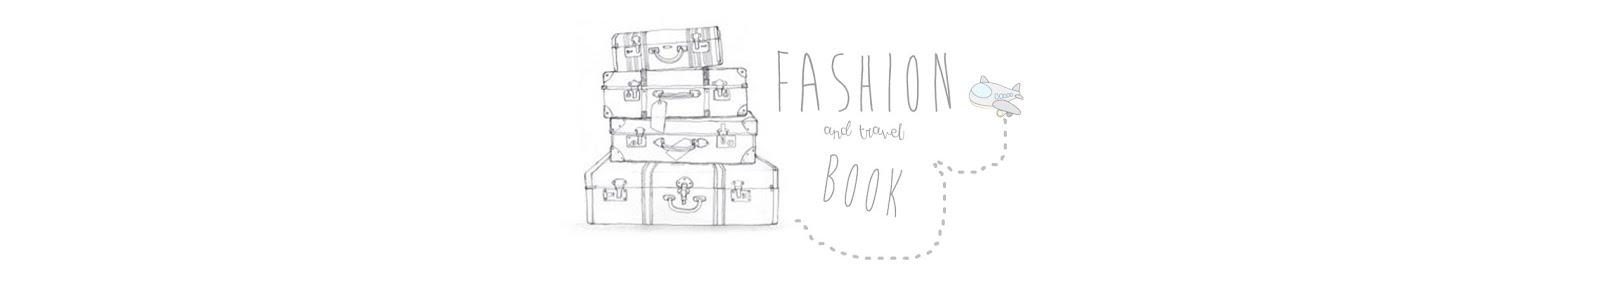 Fashion book by Markéta Trpišovská